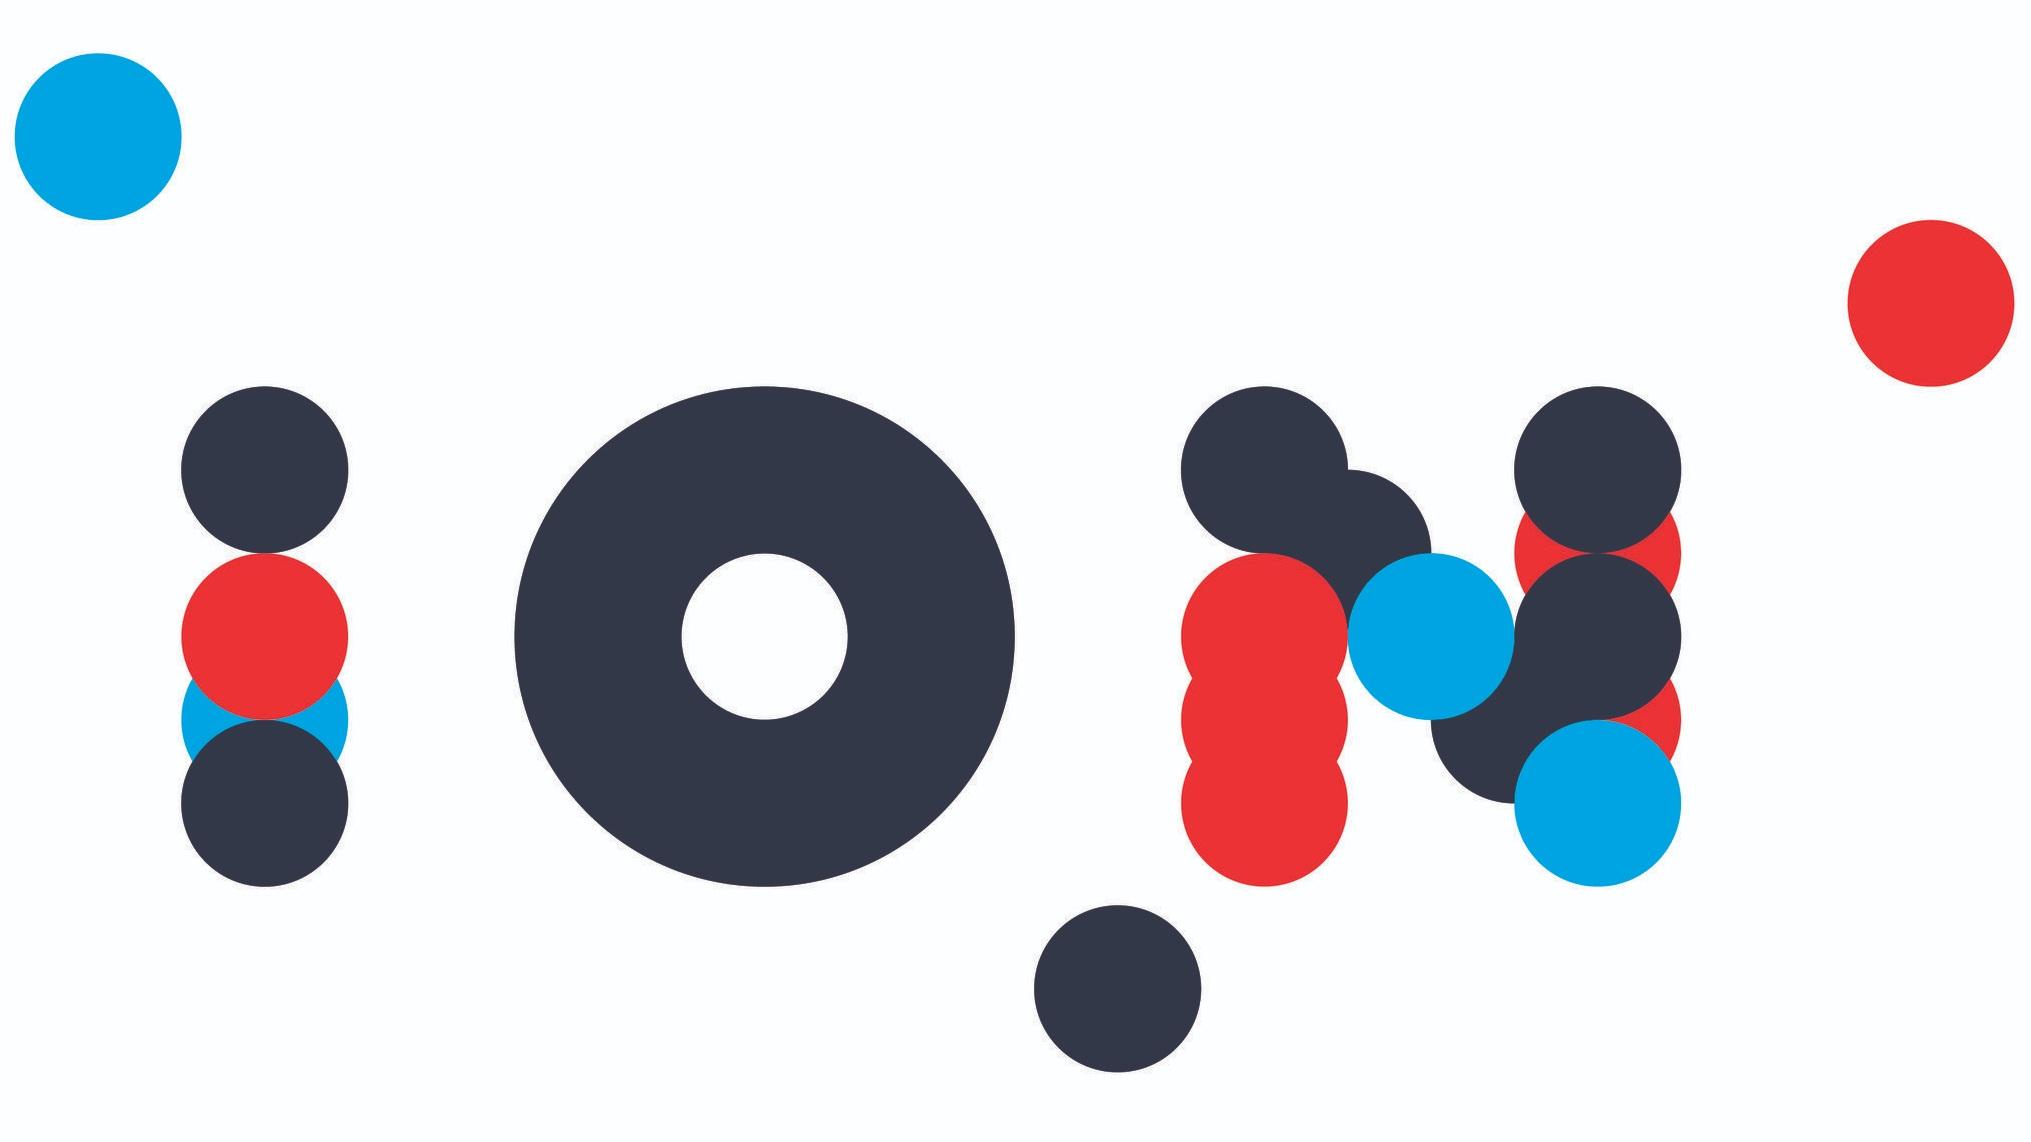 DESIGN-0786_EPS_CMYK_logo_for_future_for_kids-01%5B1%5D.jpg